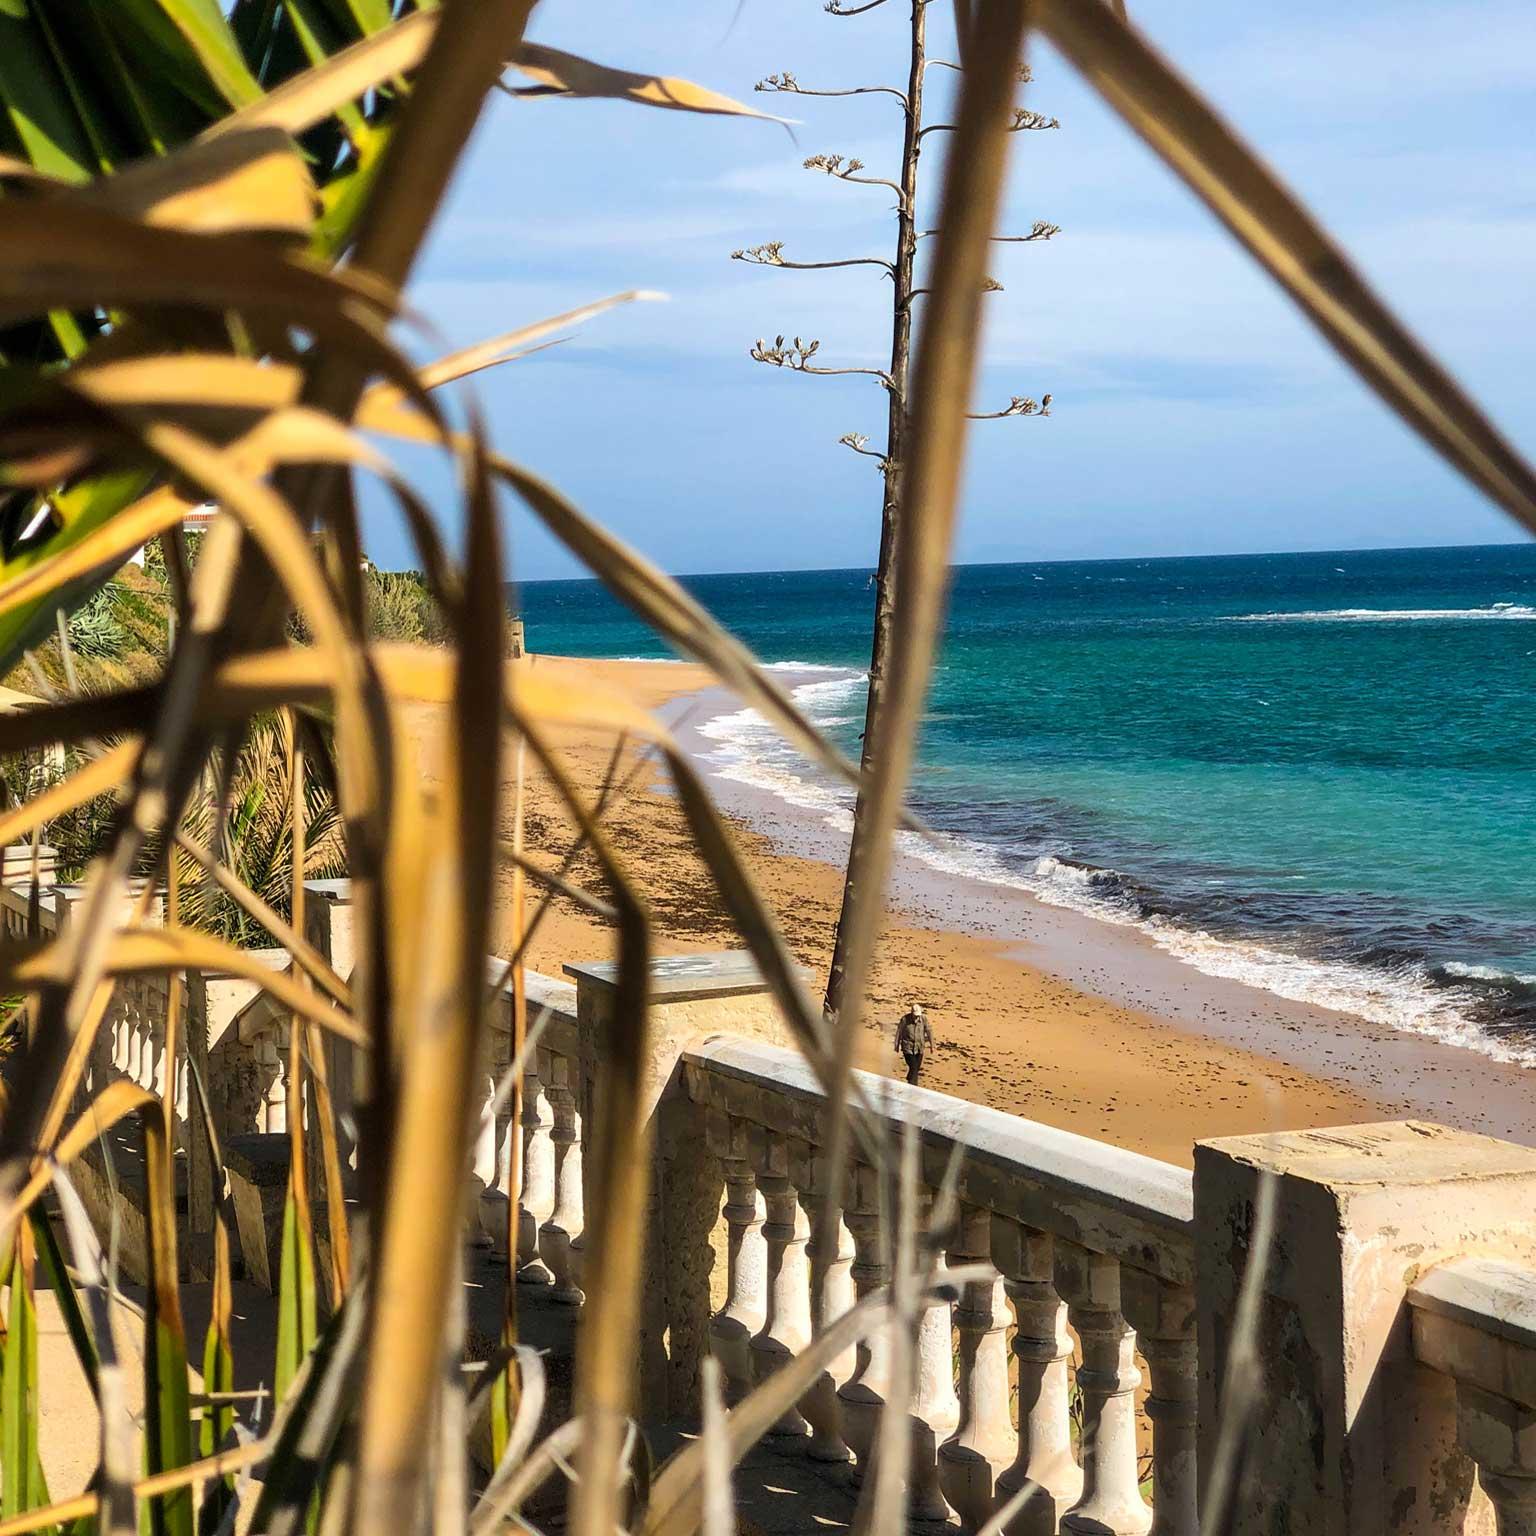 foto-5-entorno-home-surf-casa-vacaciones-palmar-alquiler-vacacional-tropical-tuna